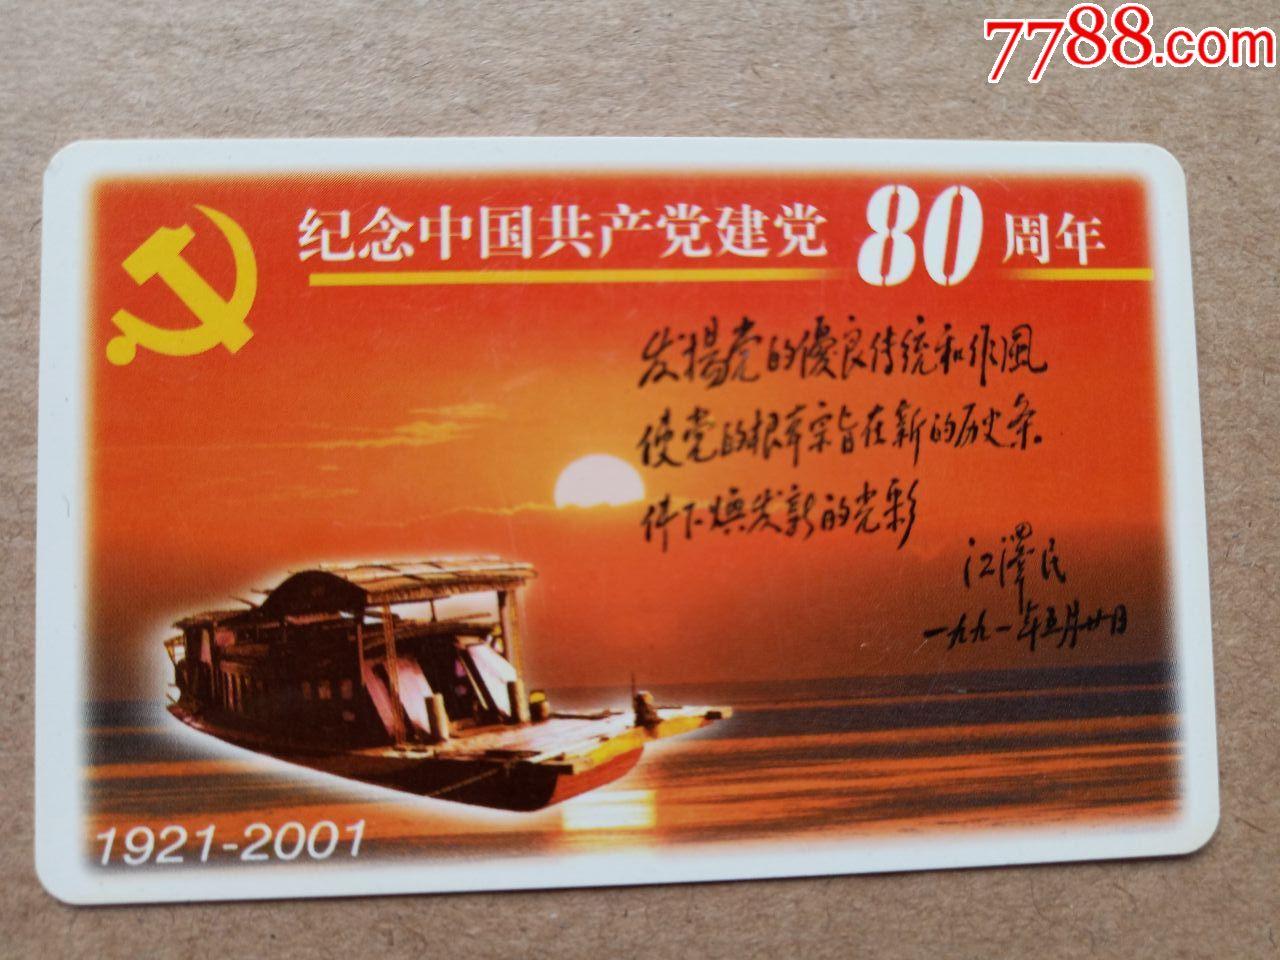 建党80周年_建党80周年